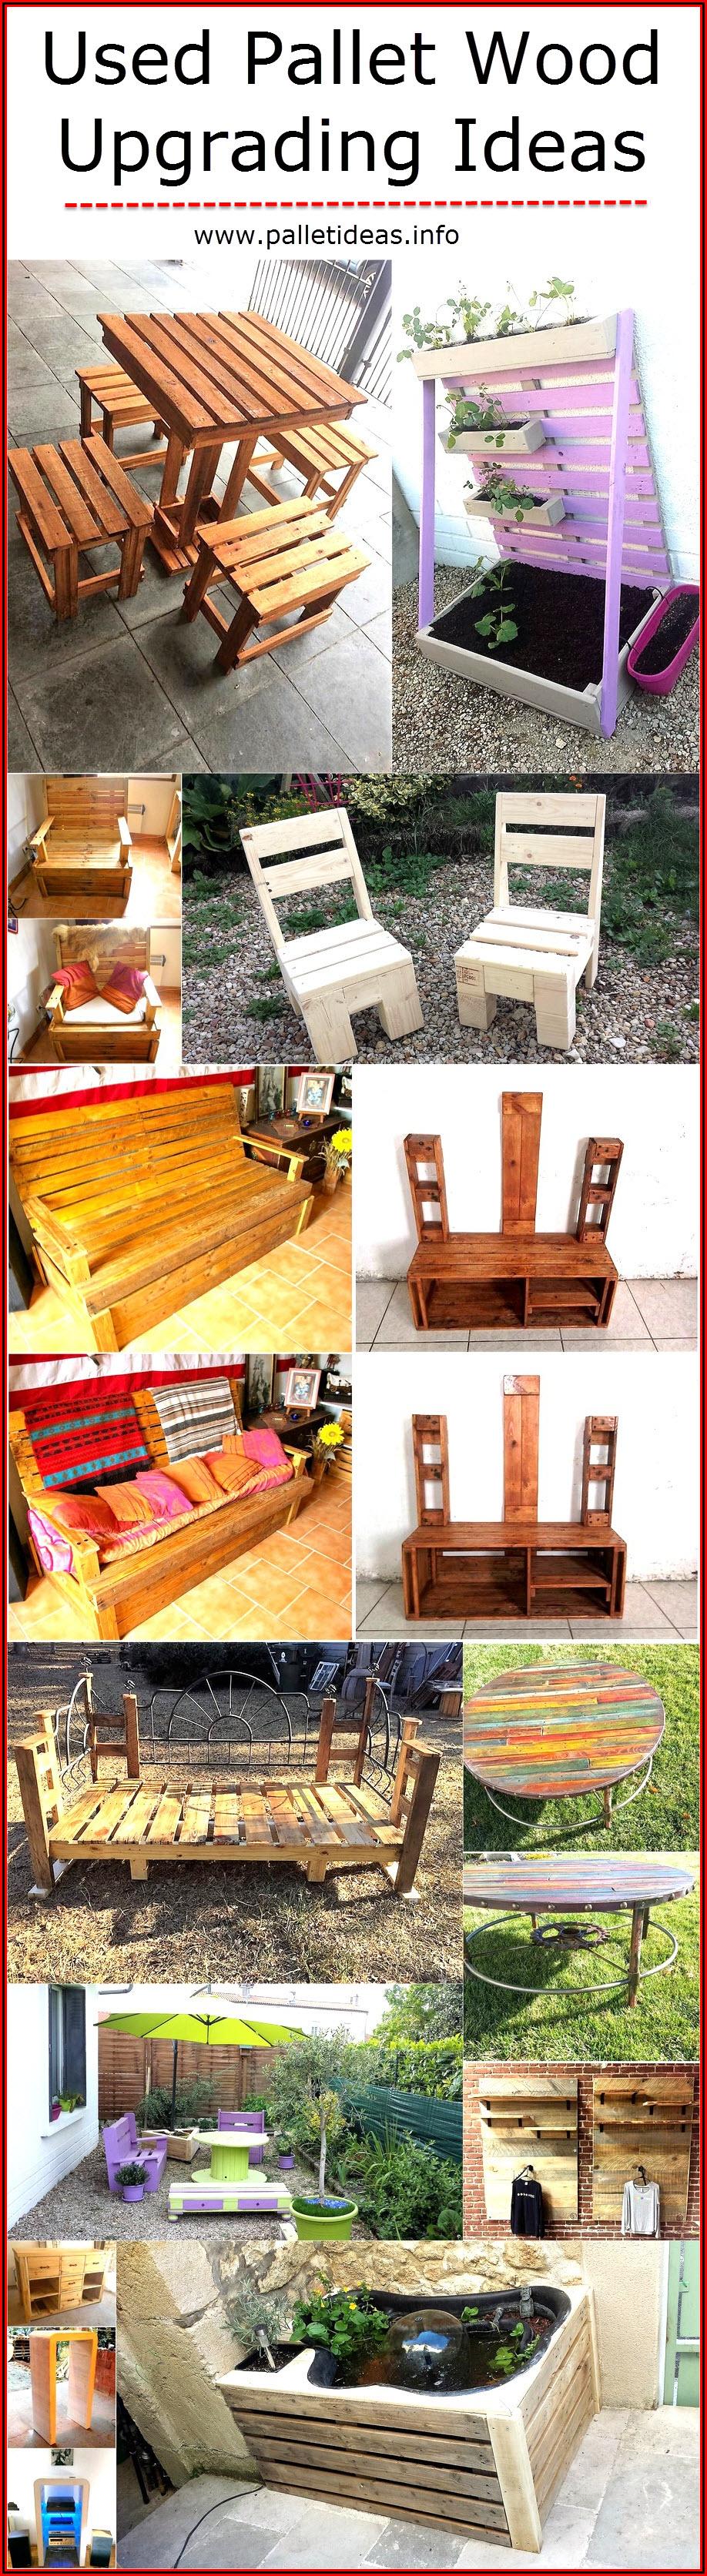 Used Pallet Wood Upgrading Ideas